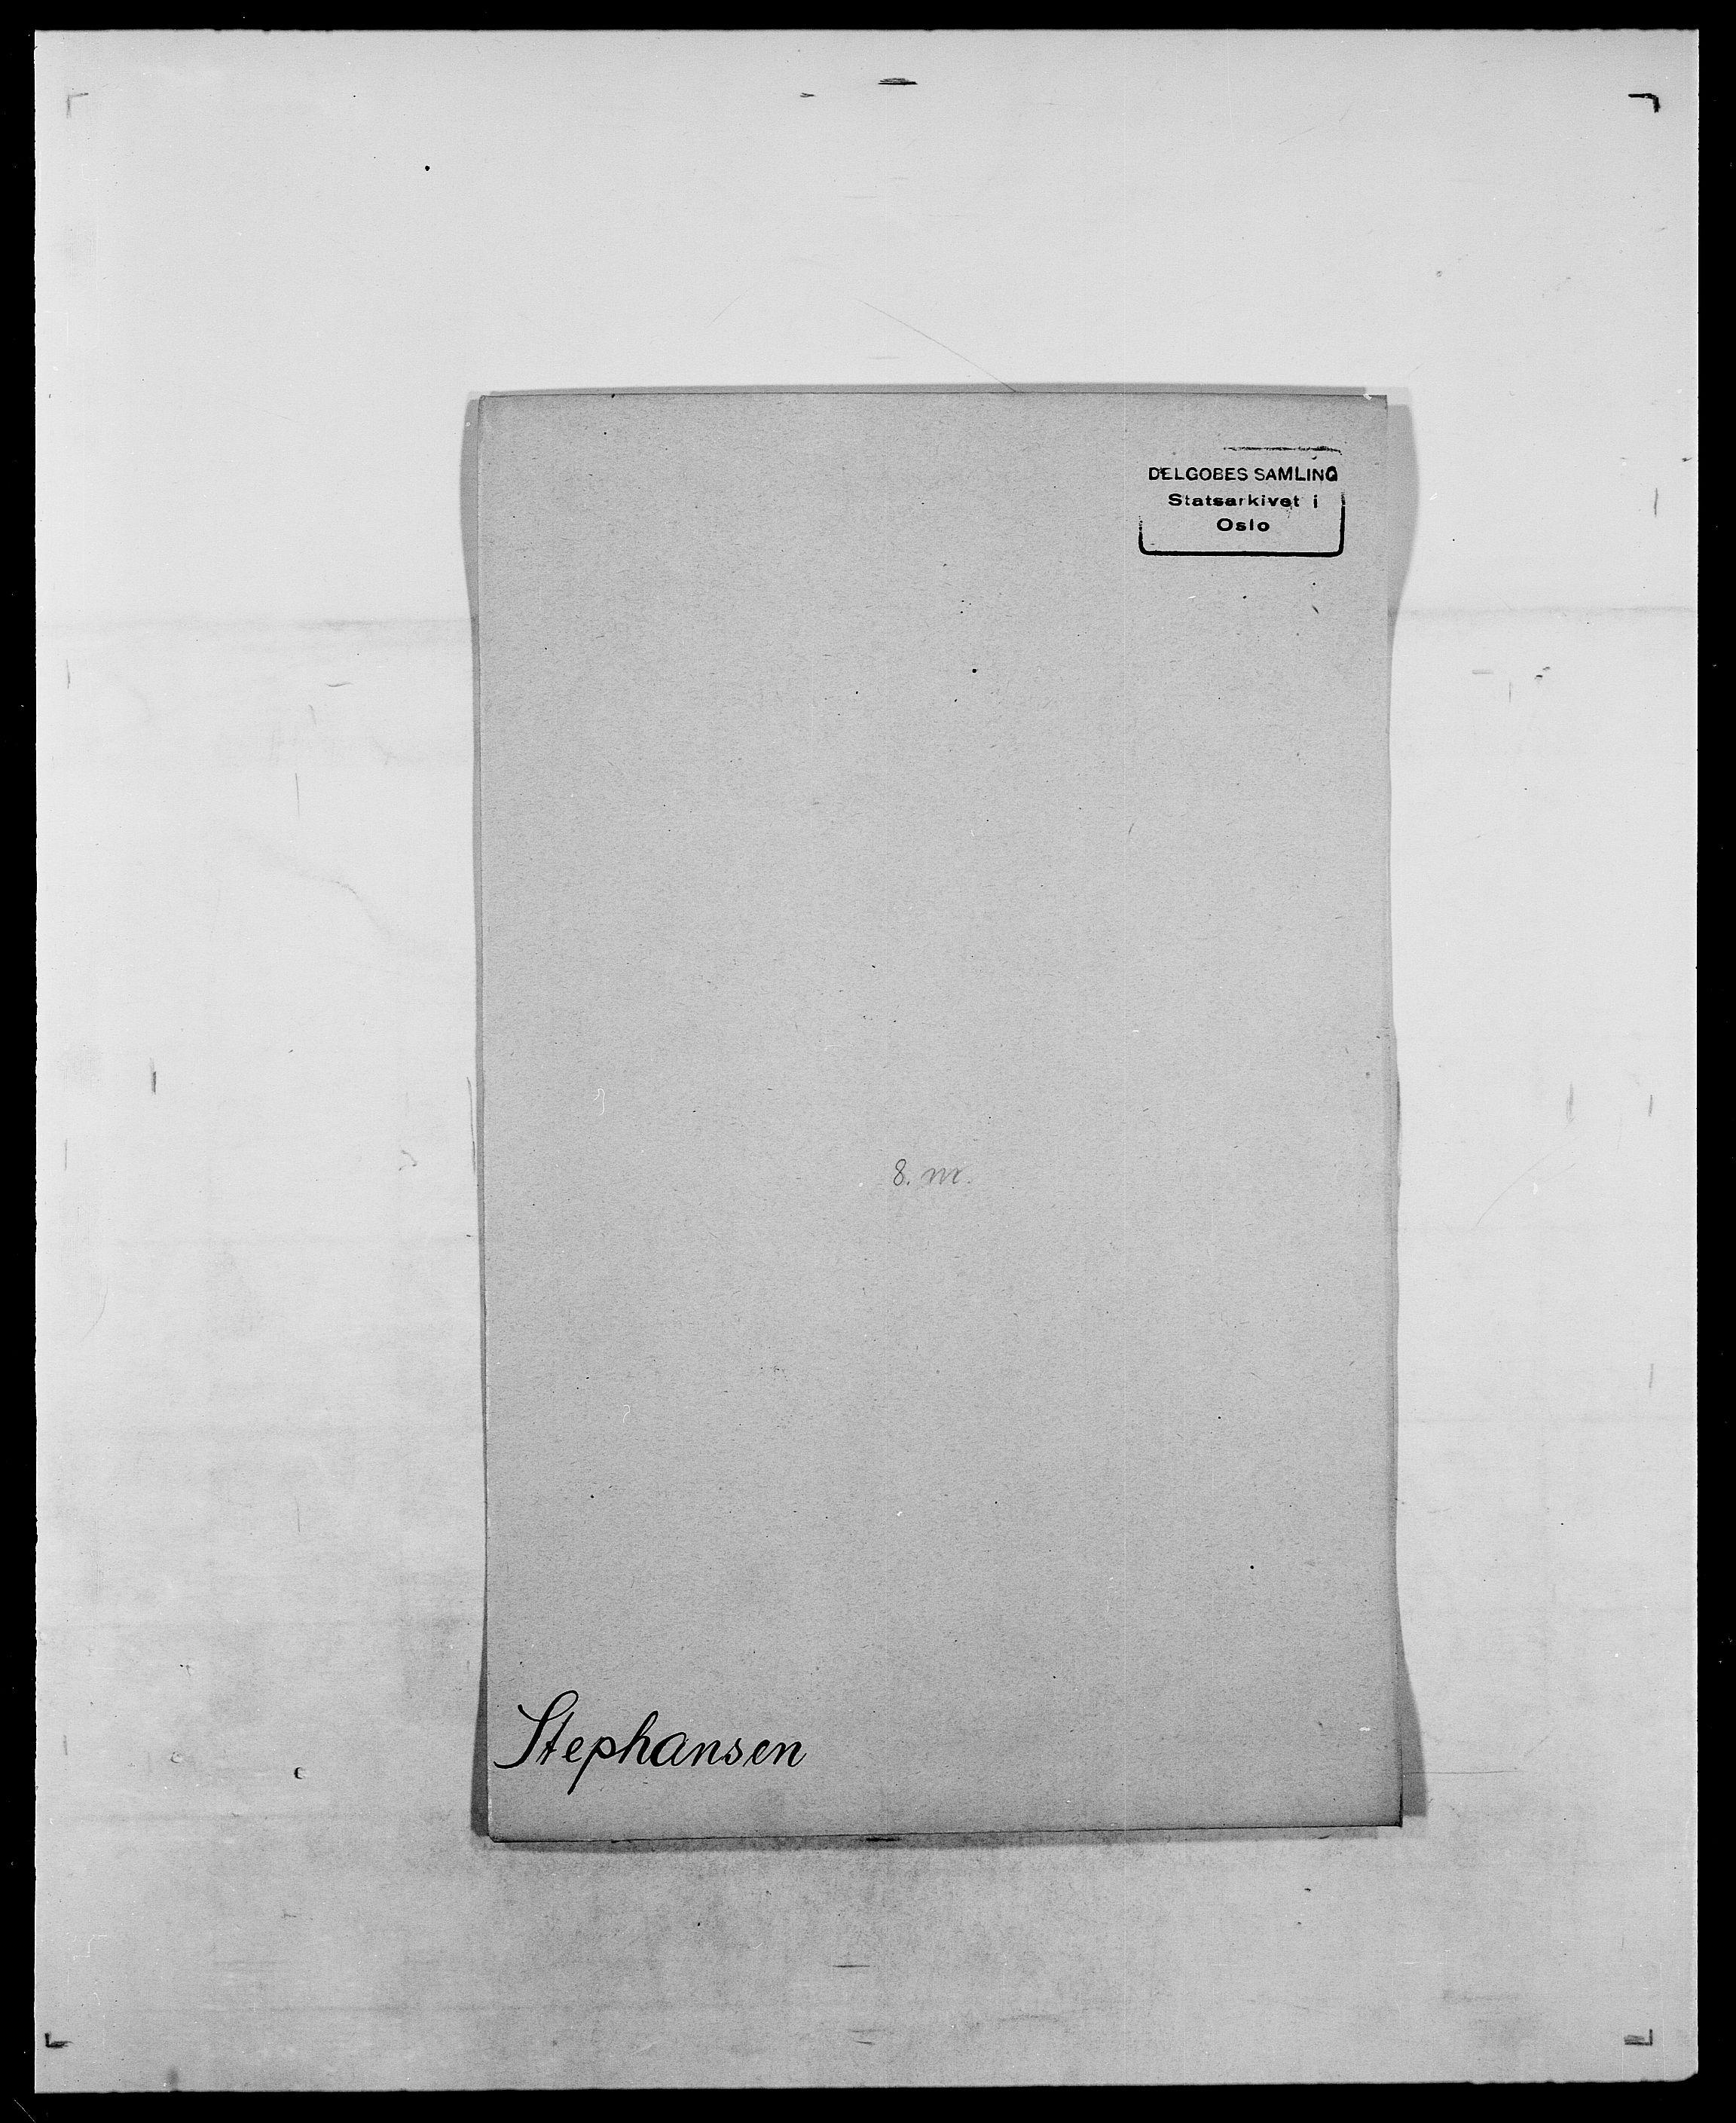 SAO, Delgobe, Charles Antoine - samling, D/Da/L0037: Steen, Sthen, Stein - Svare, Svanige, Svanne, se også Svanning og Schwane, s. 352